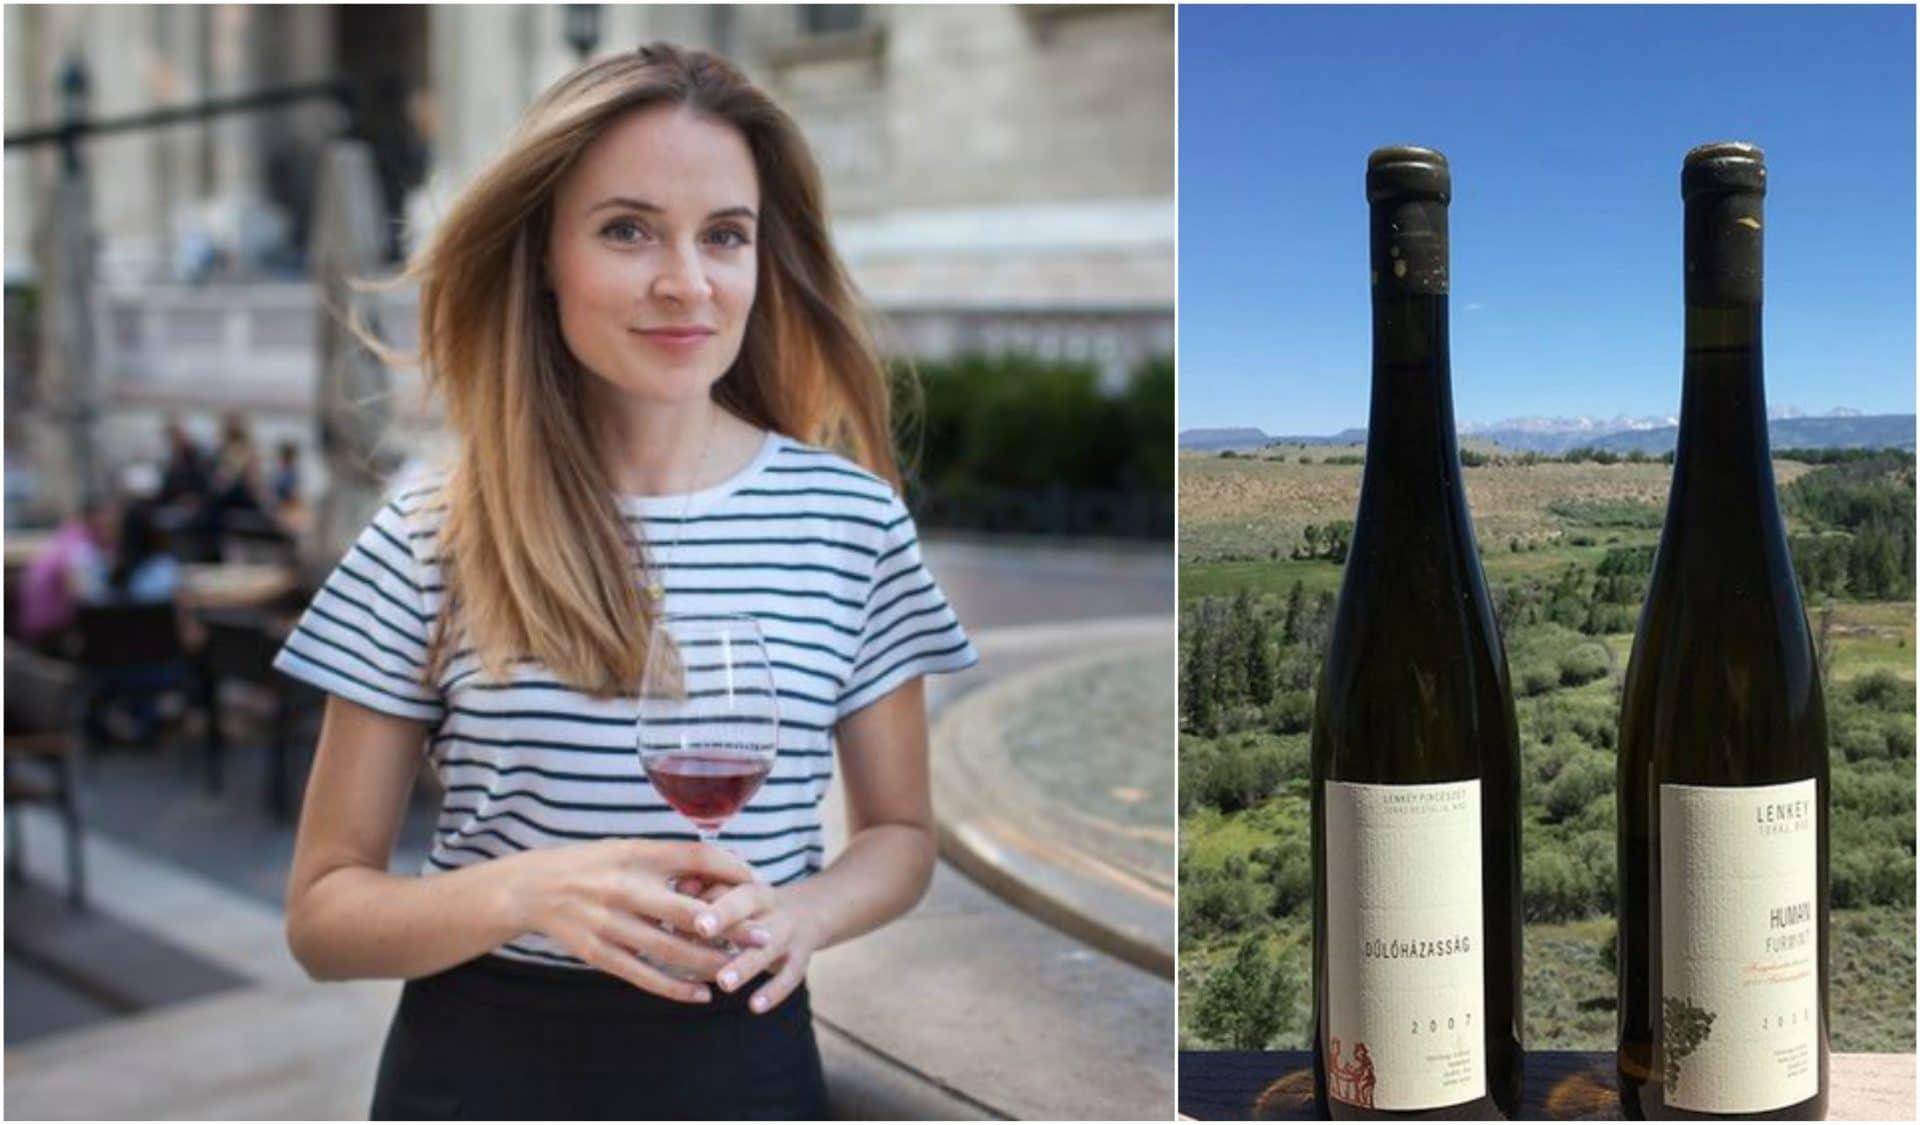 Az amerikai jogászlány, aki szerelmes lett a magyar borokba – Athena Bochanis és a Palinkerie - Dining Guide